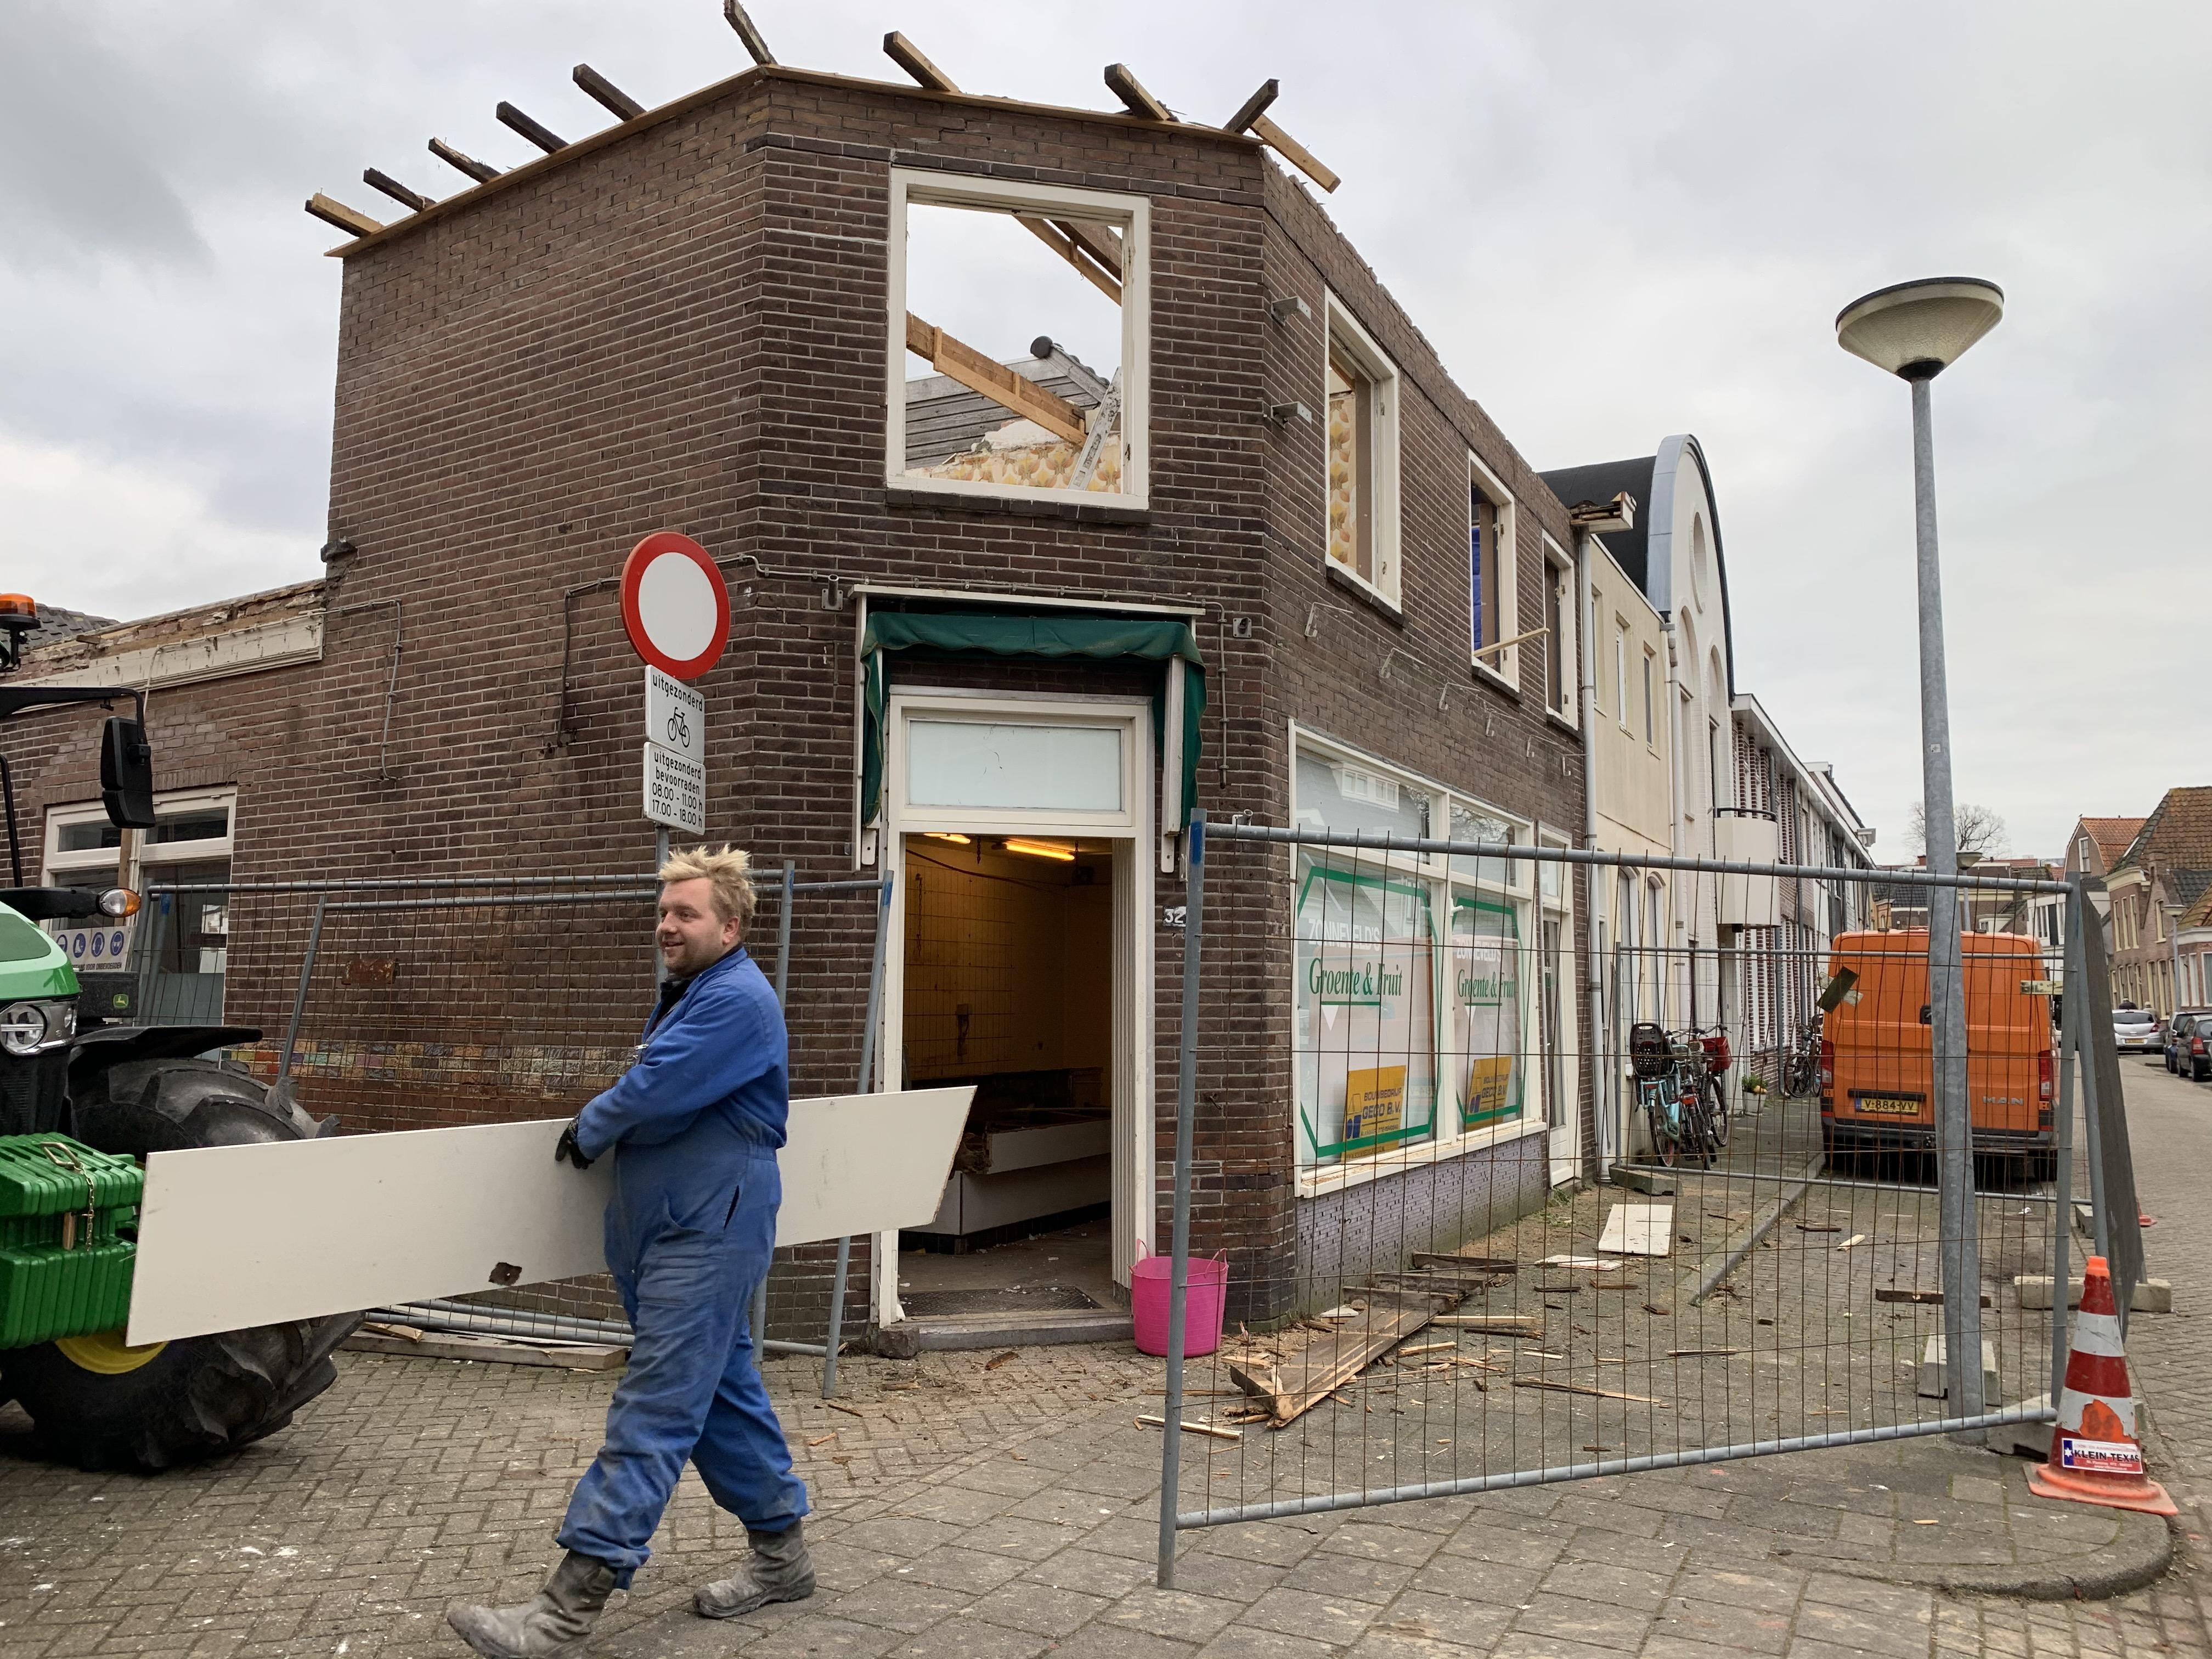 De groentewinkel op het hoekje van Varnebroek in Alkmaar verdwijnt